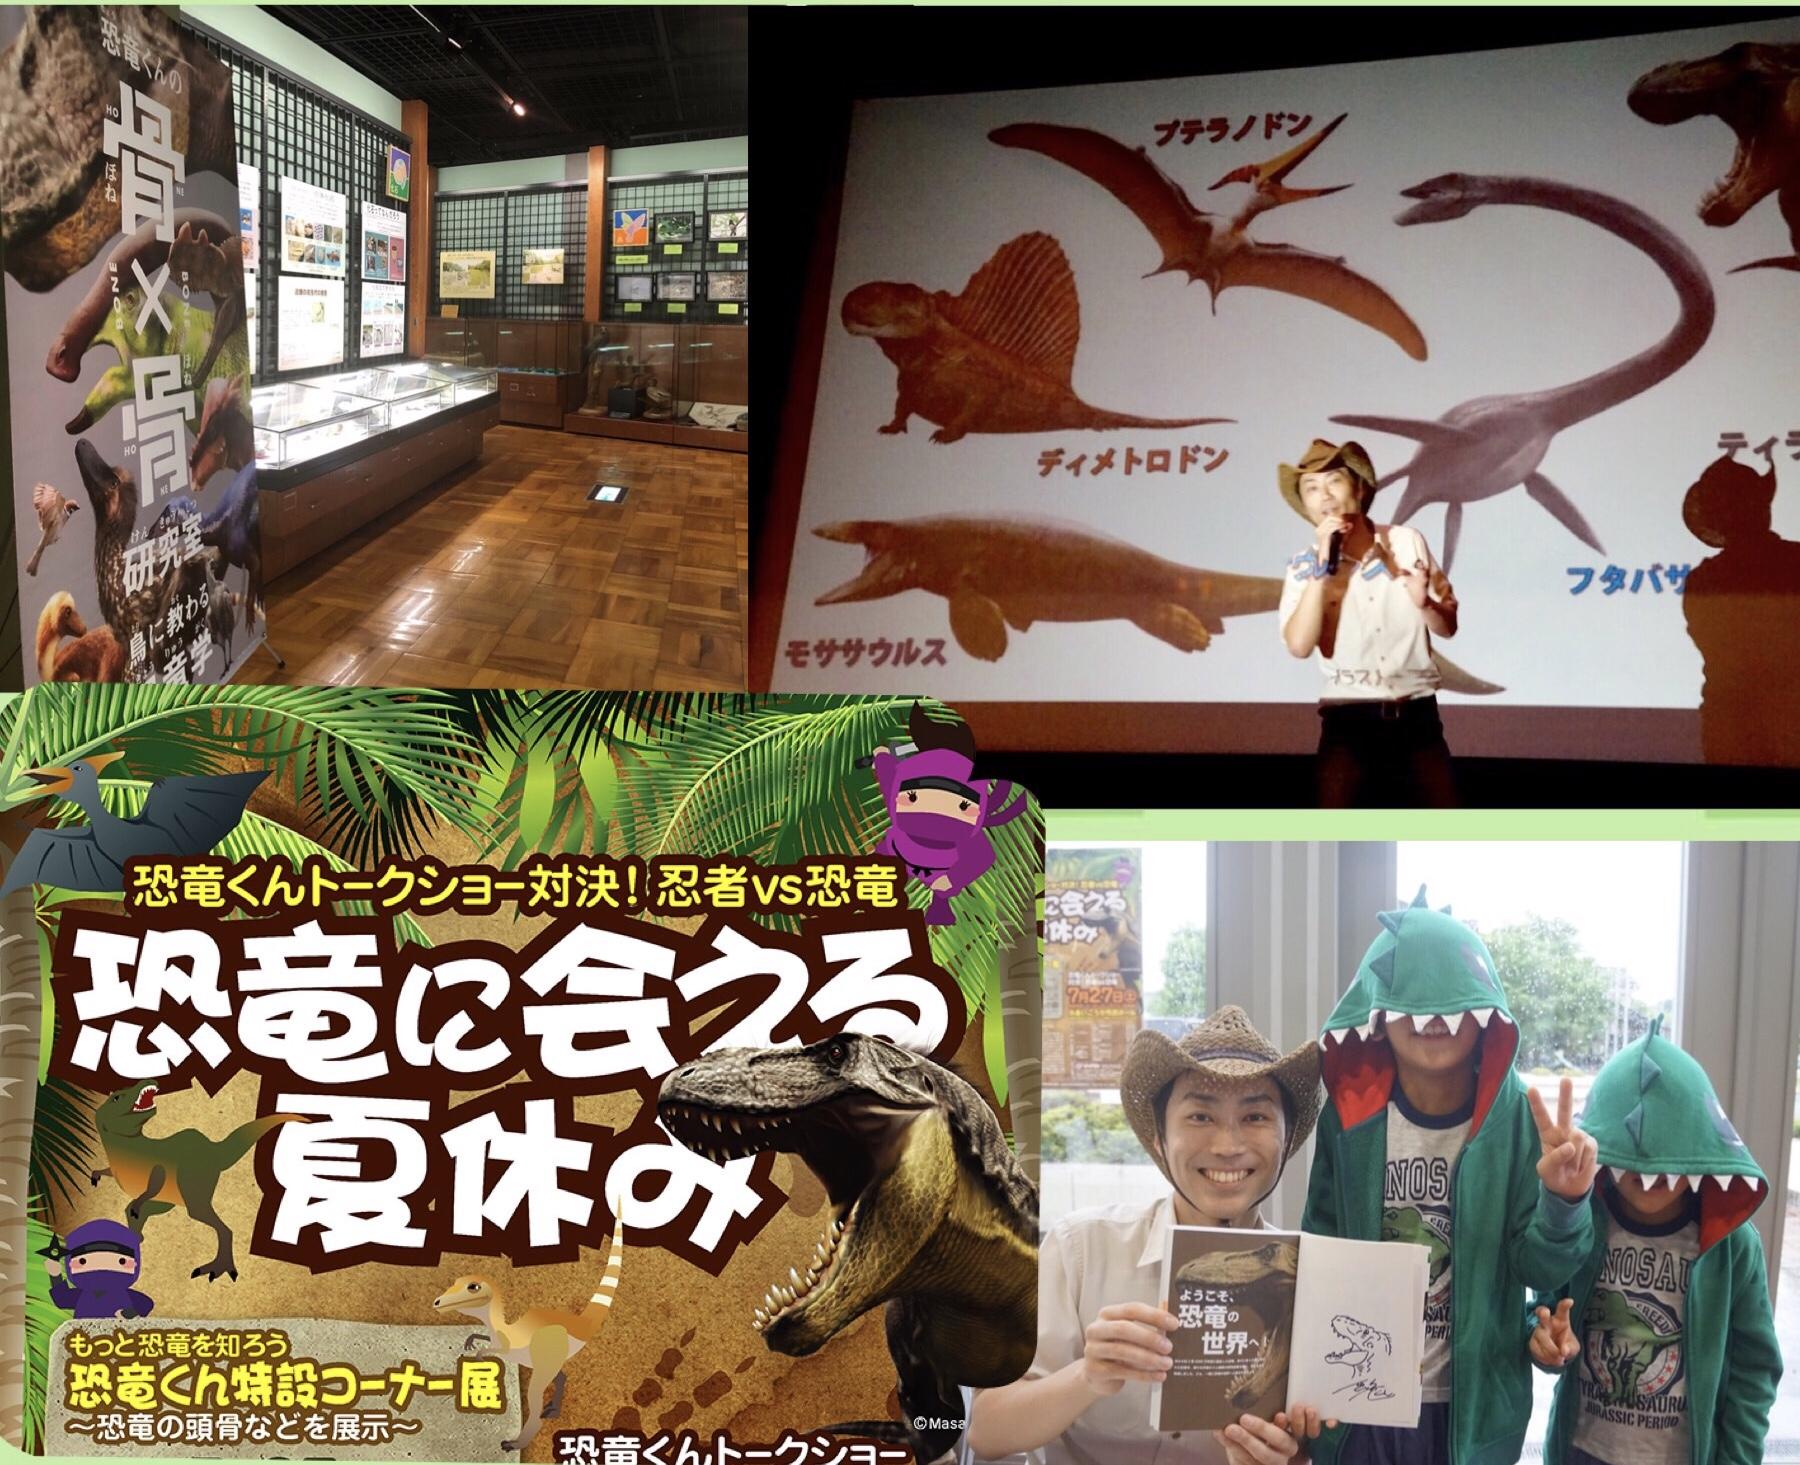 【7/27】恐竜に会える夏休み☆『恐竜くんトークショー 対決!忍者VS恐竜』に行ってきた♪